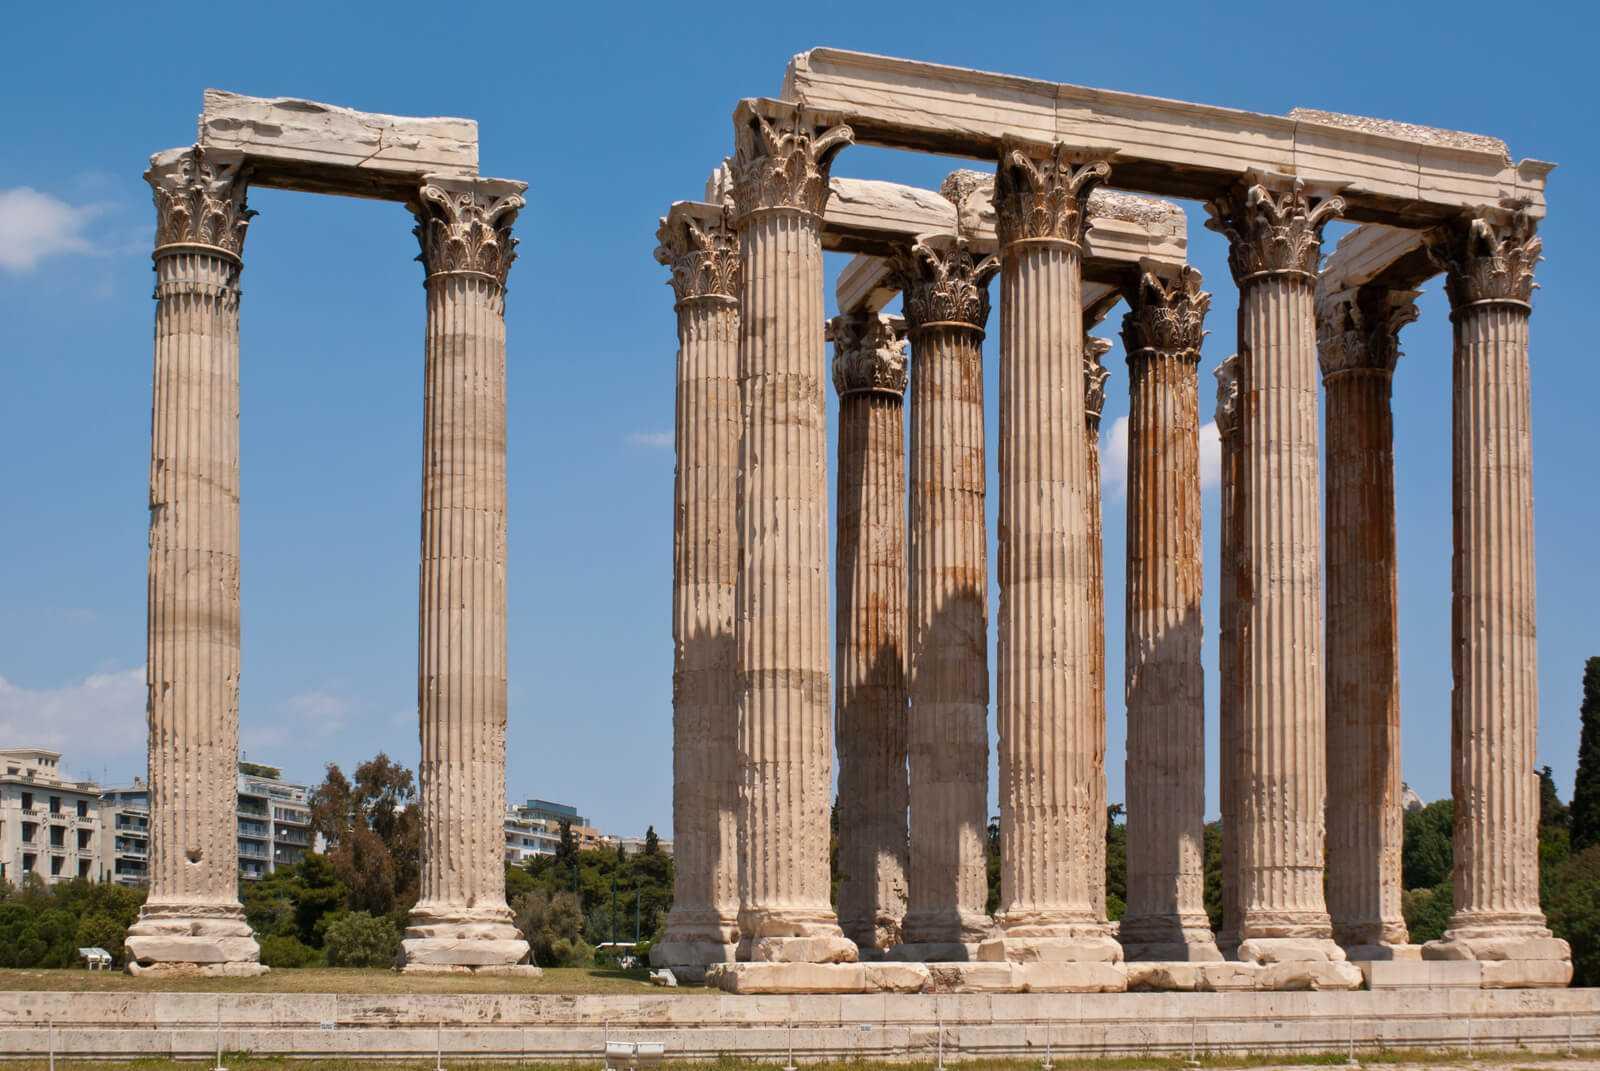 מקדש זאוס באתונה 2021 - כרטיסים, עקיפת תורים, דרכי הגעה וכל הפרטים